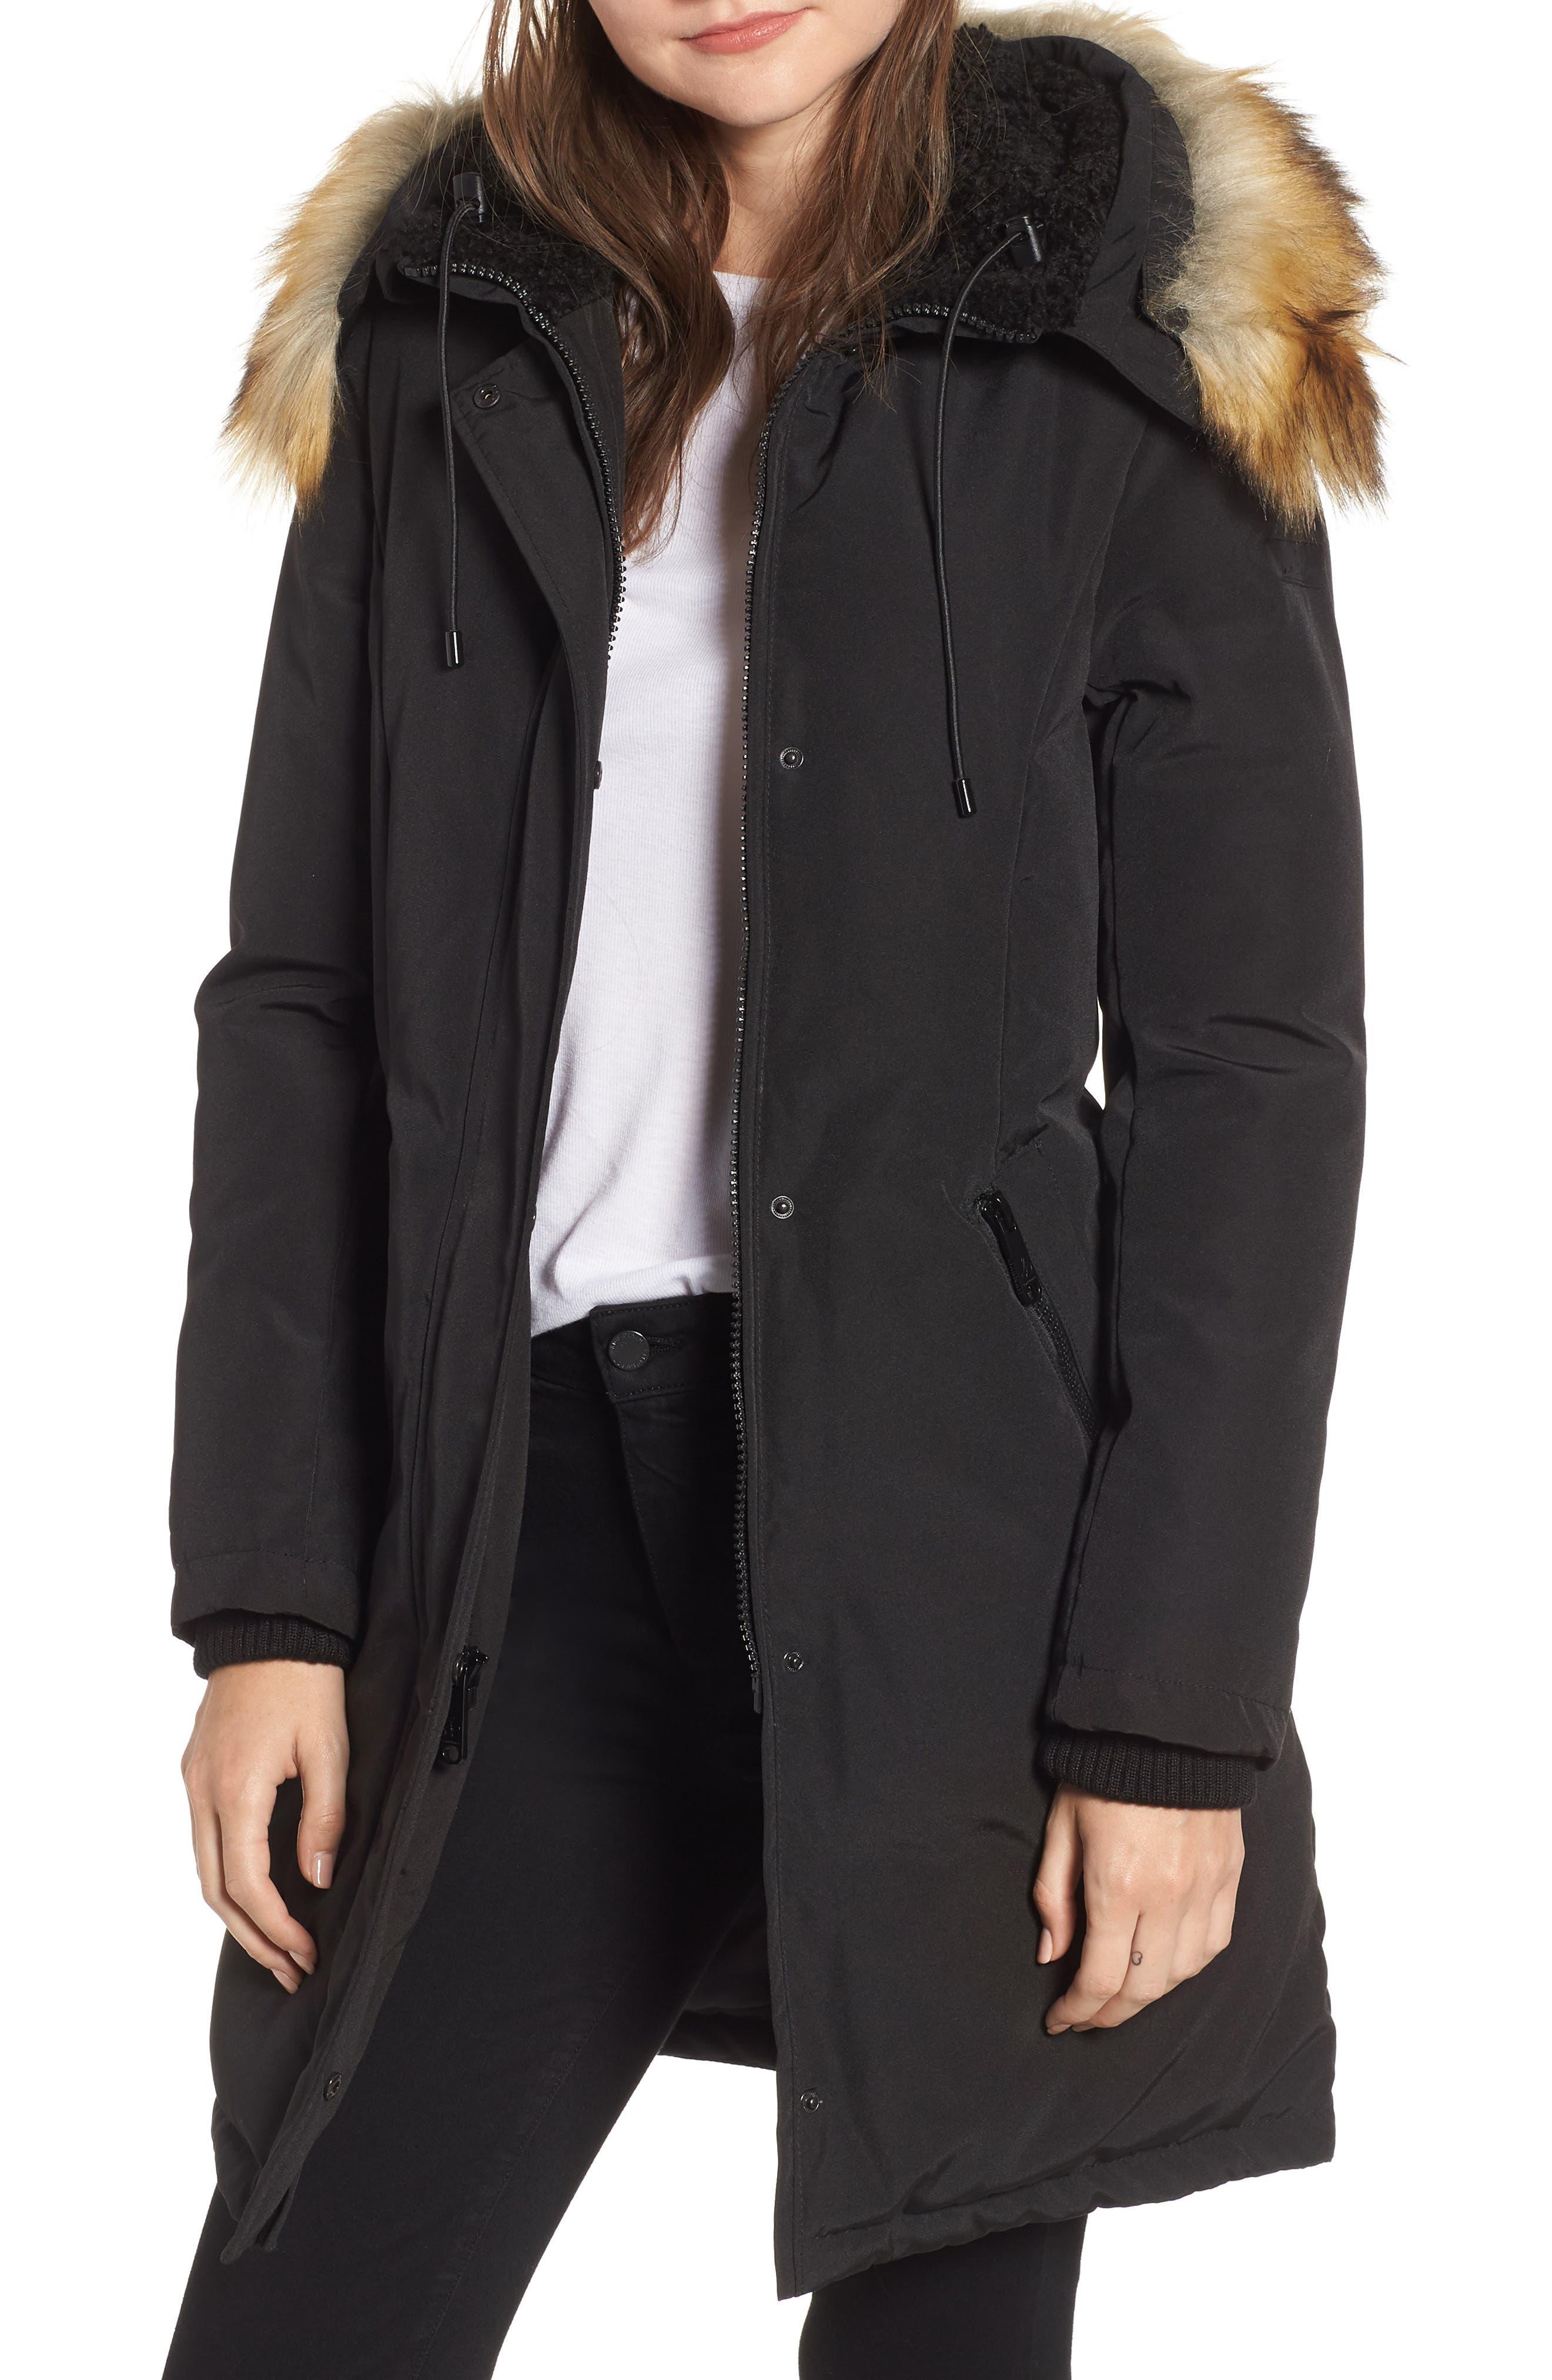 SAM EDELMAN Faux Fur Trim Down Jacket, Main, color, 001